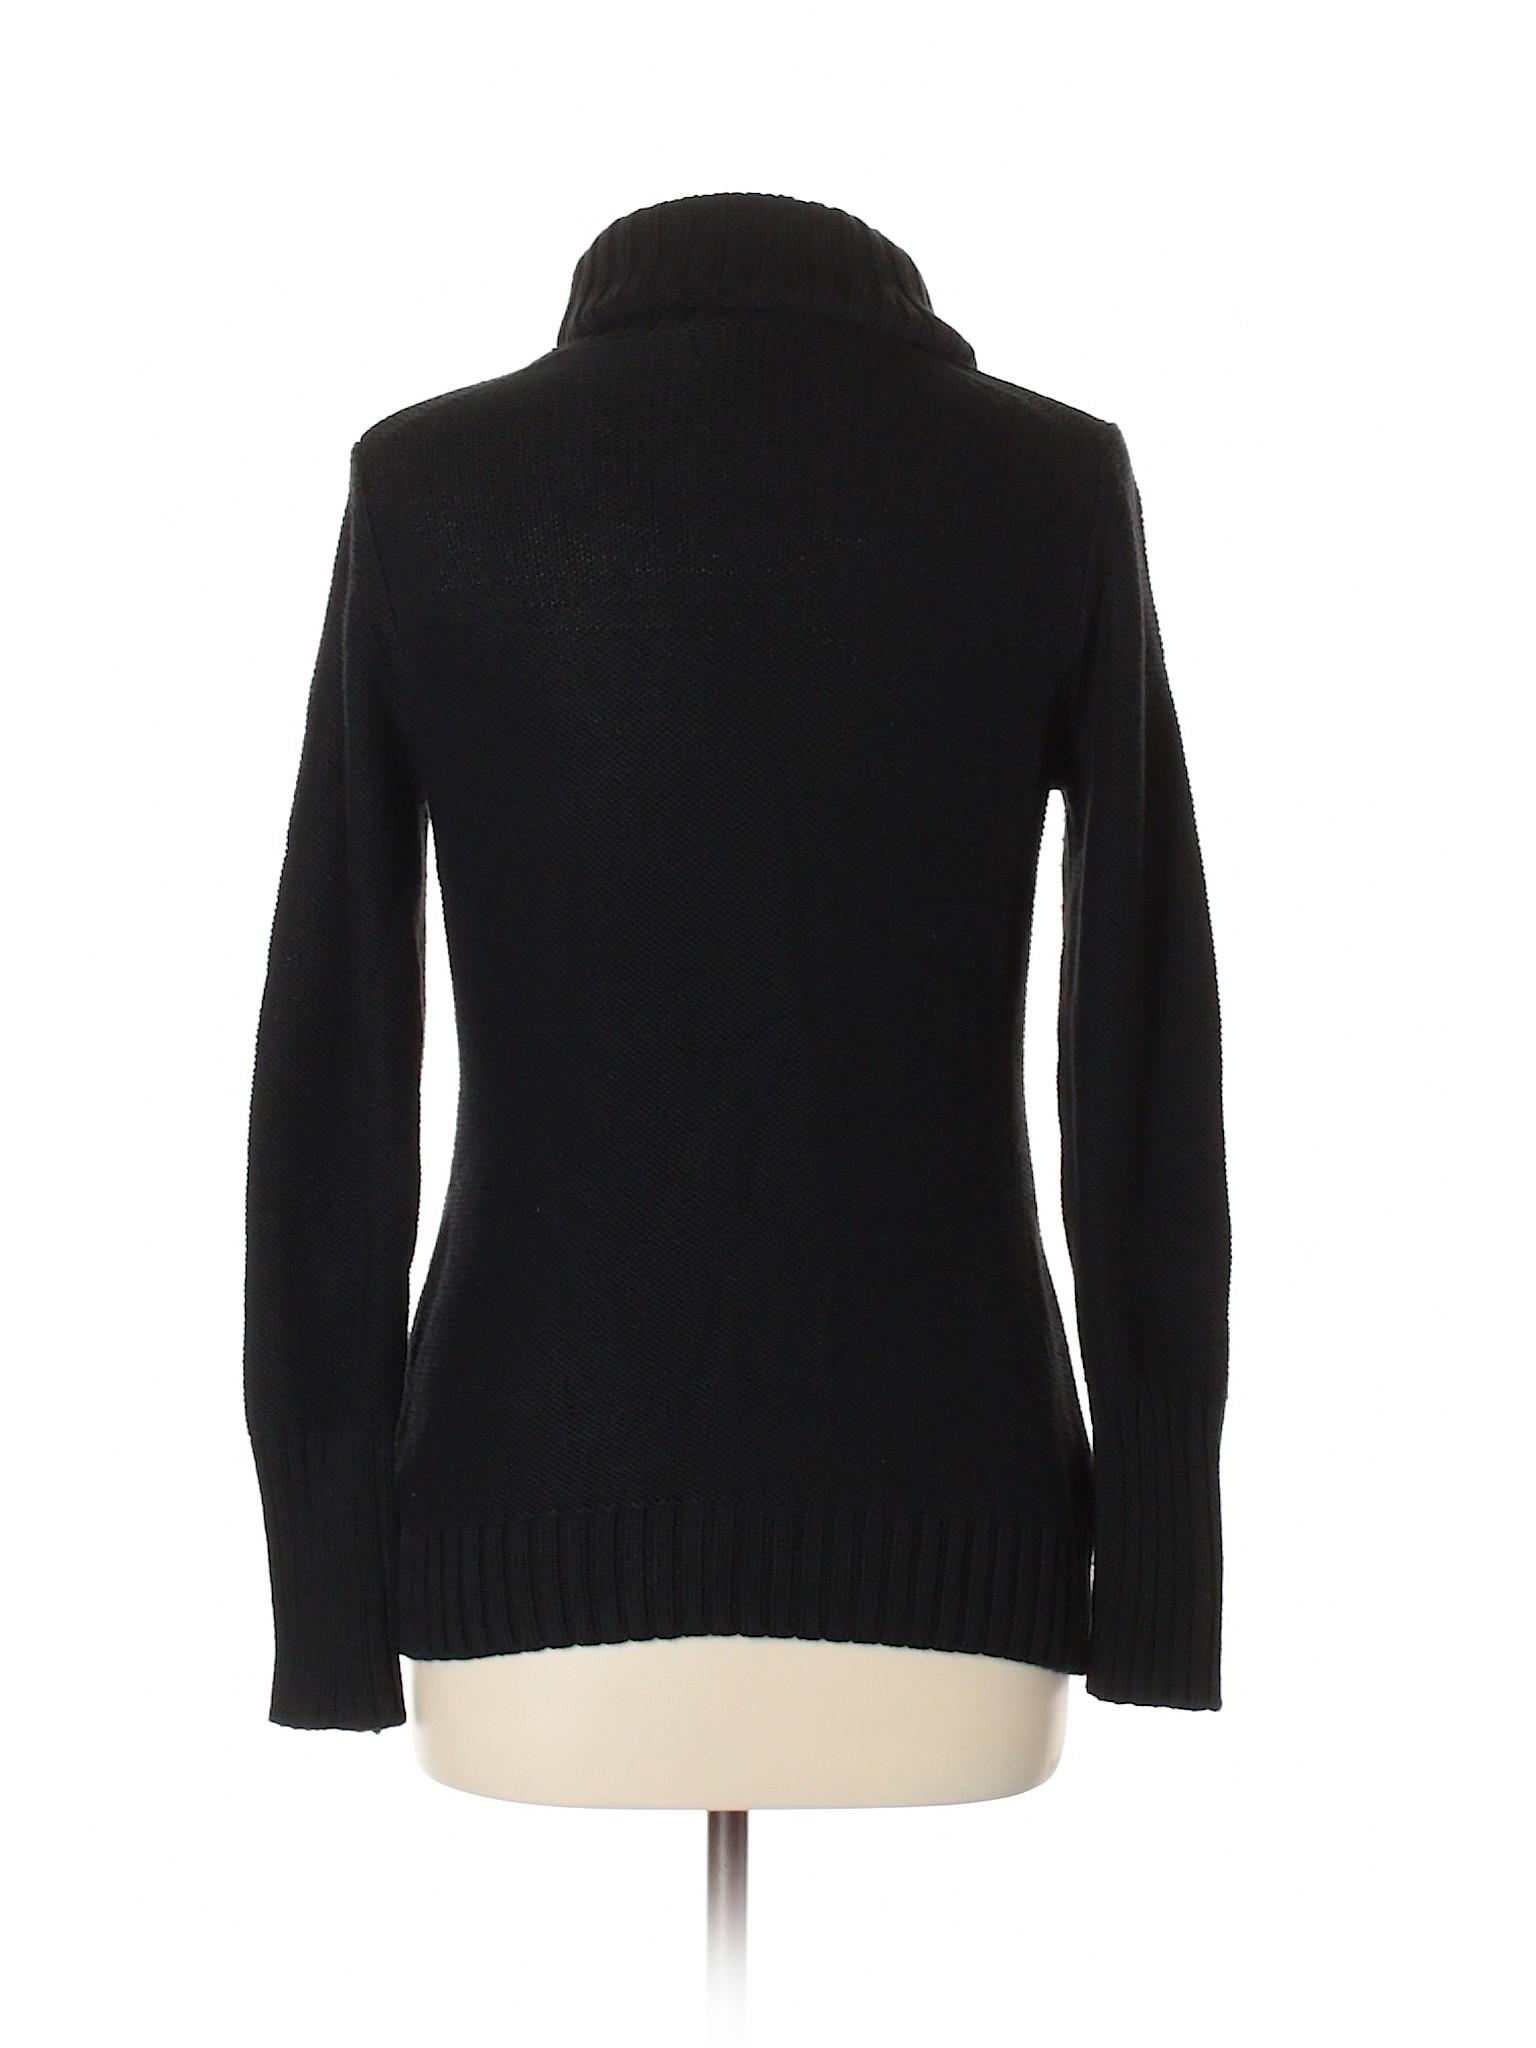 Boutique Sweater winter Turtleneck winter Gap Gap Boutique r6qBxrY